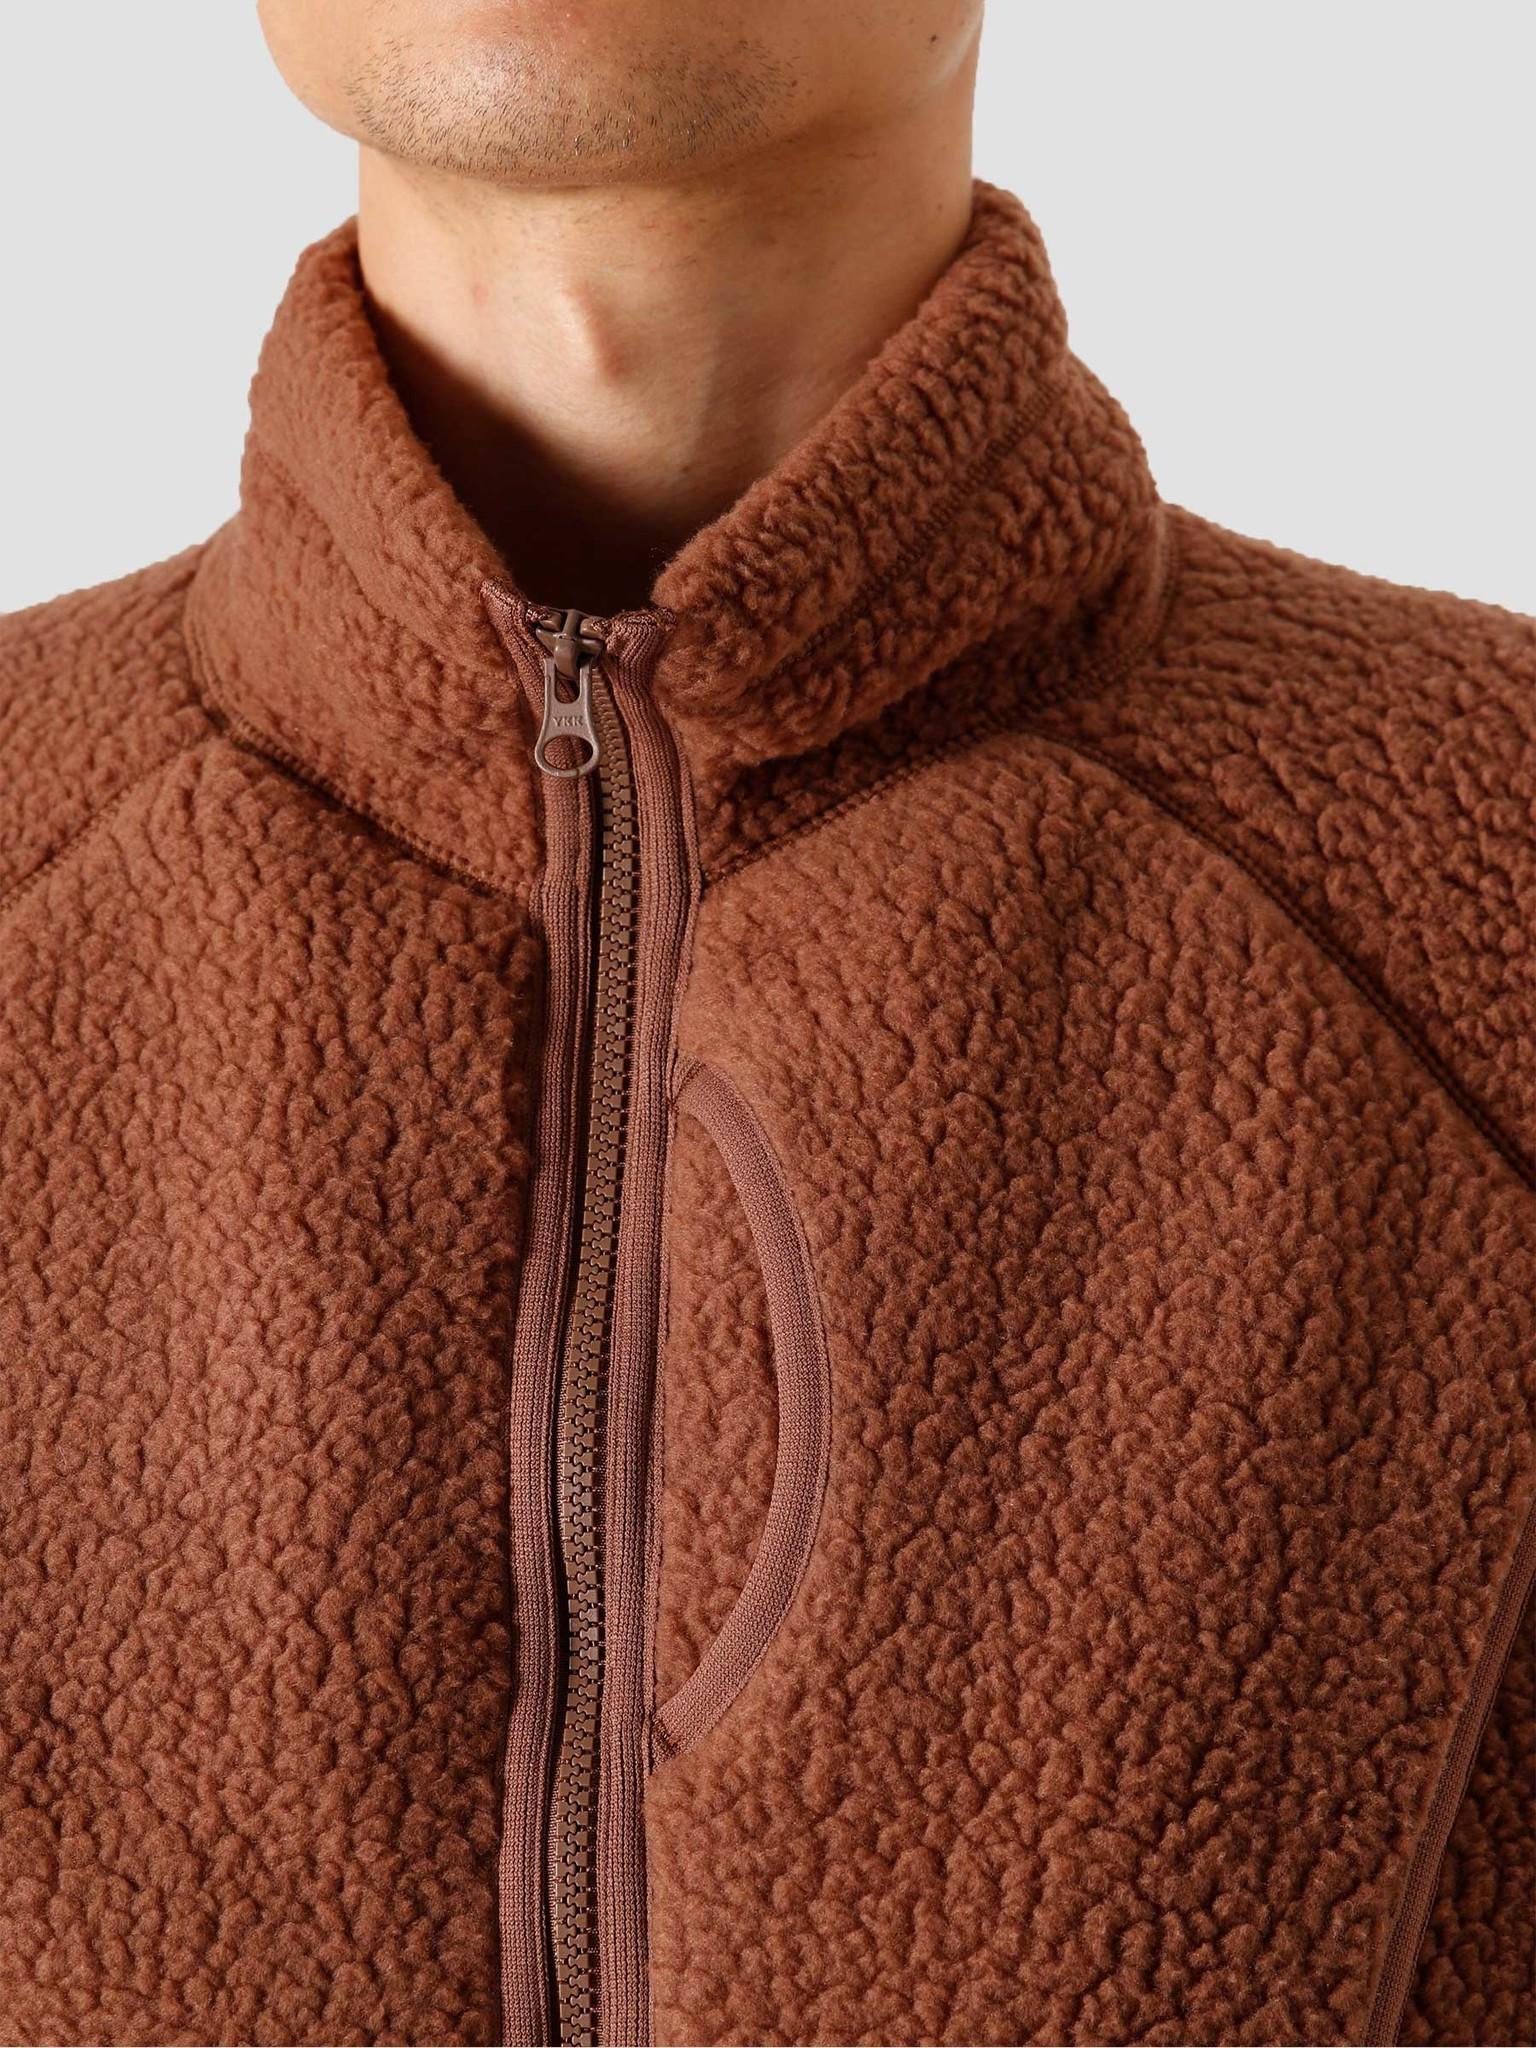 Snow Peak Snow Peak Thermal Boa Fleece Jacket Brown SW-20AU005